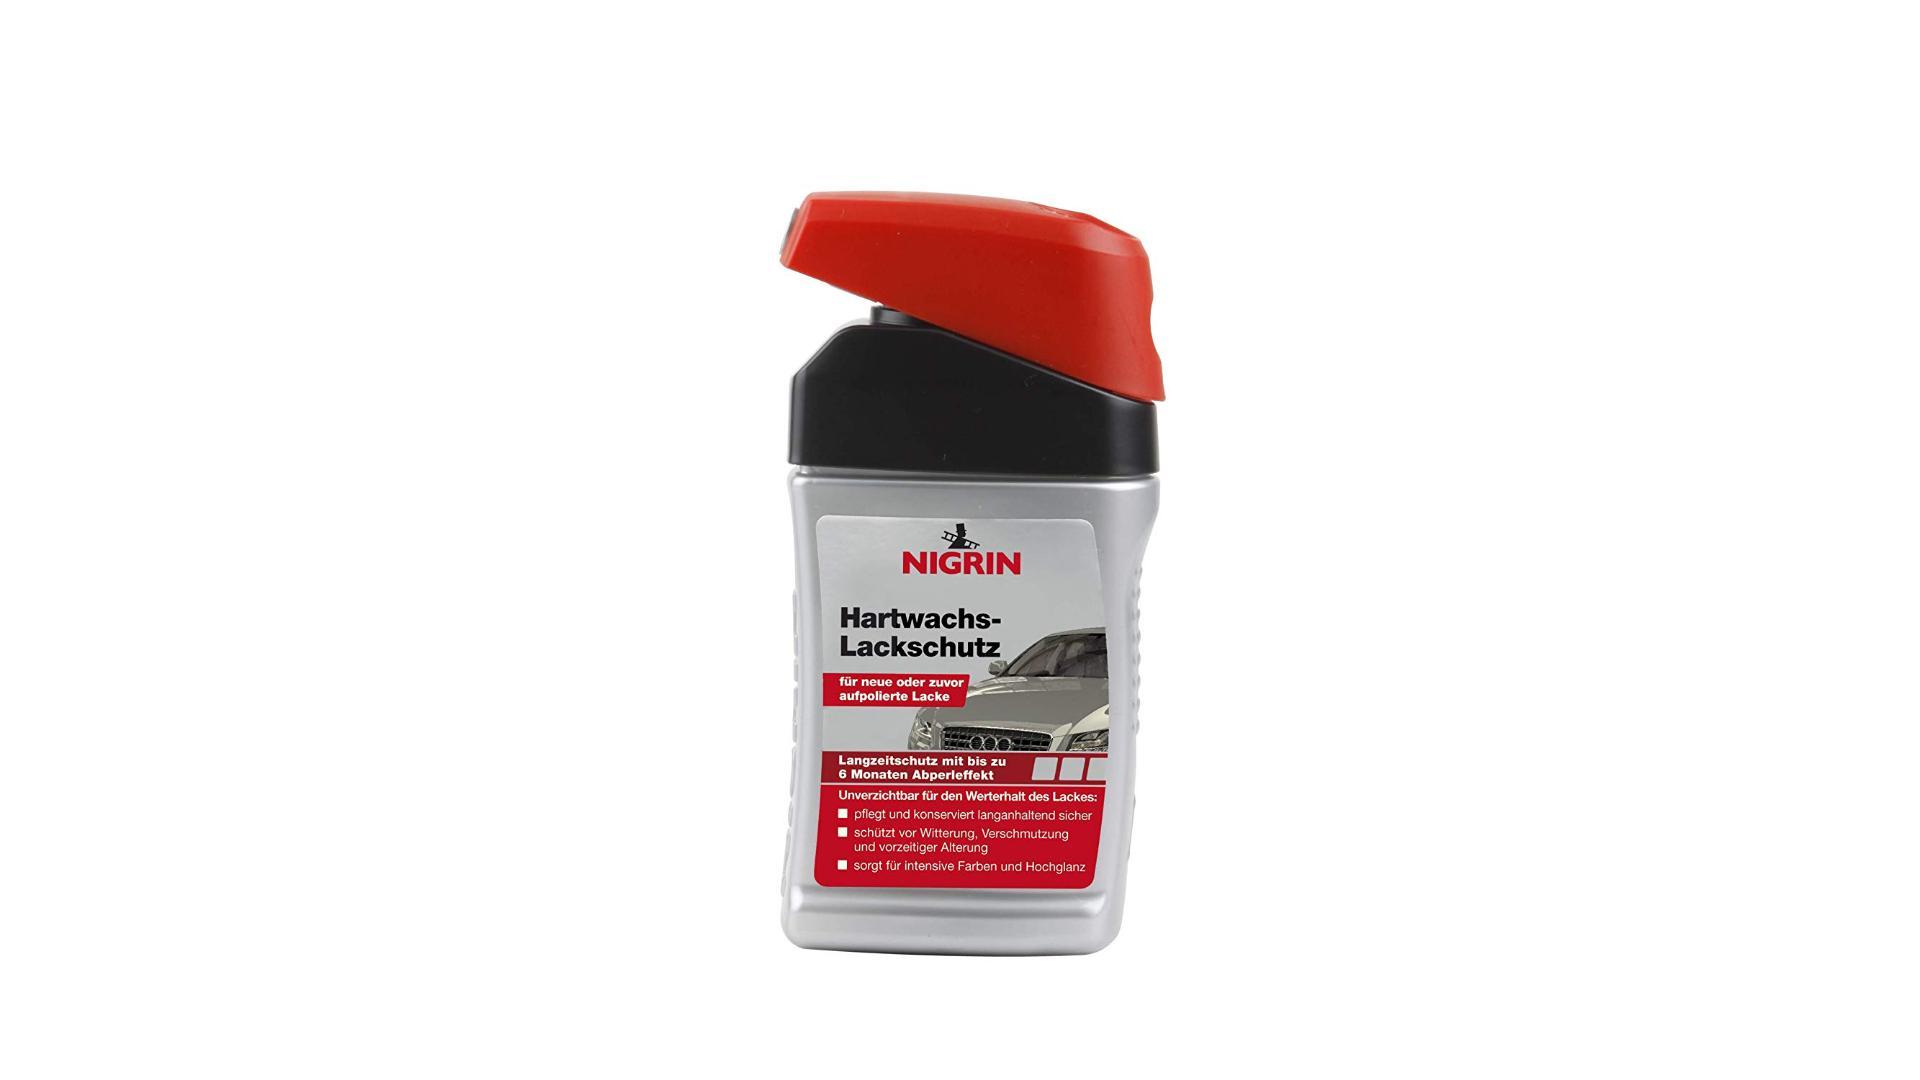 NIGRIN Tvrdy vosk na ochranu laku 300ml